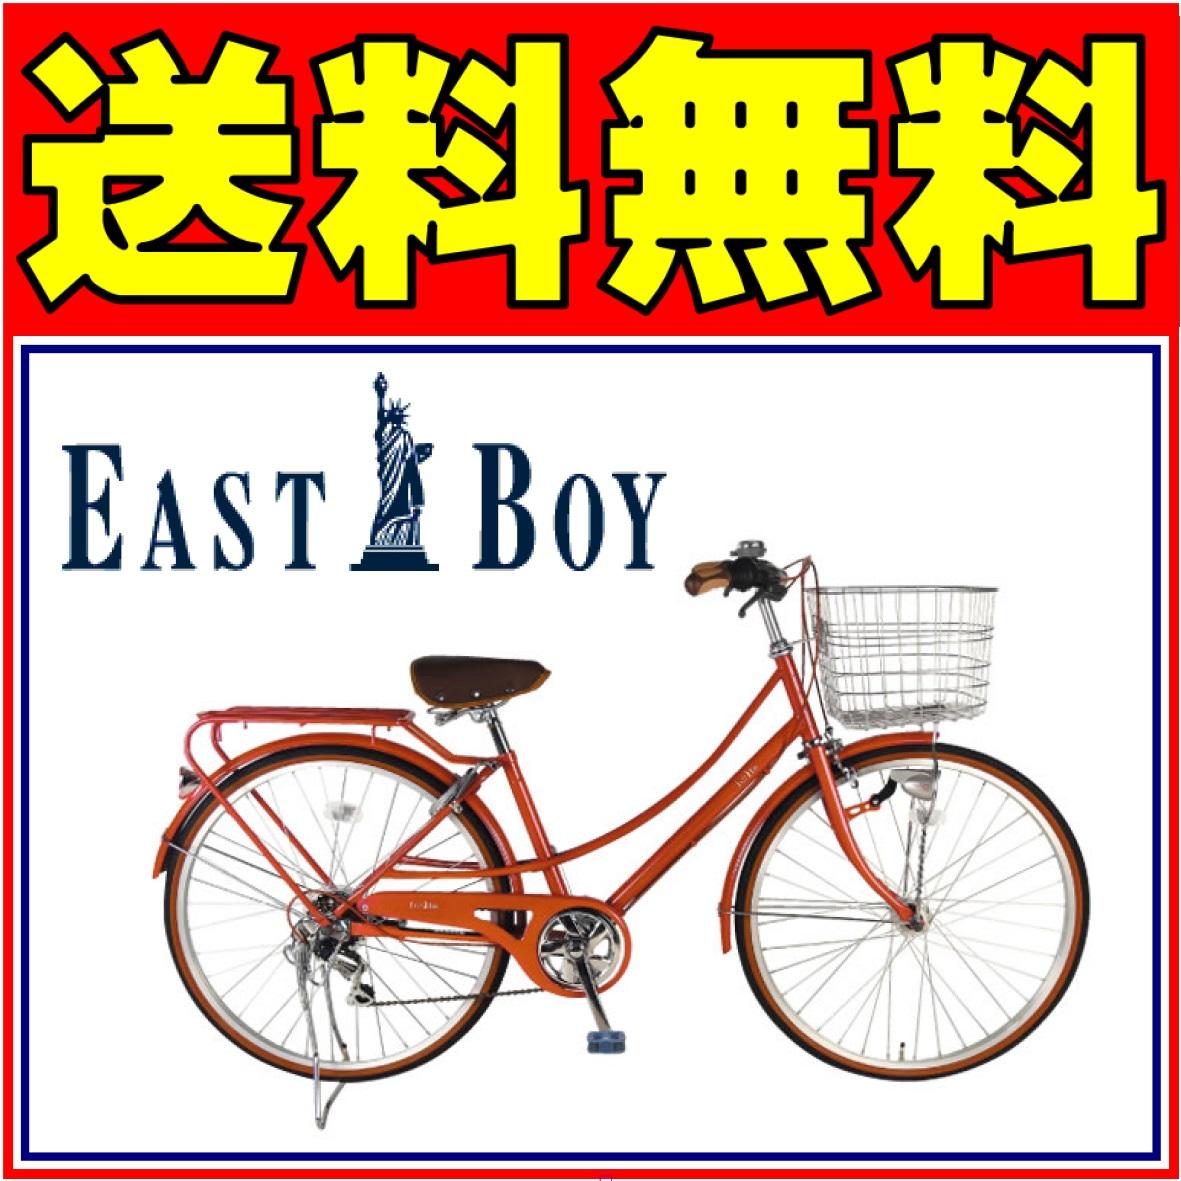 2台セット販売 EASTBOY イーストボーイ 自転車 レッド 女子中学生の通学に最適 カジュアルファミリー ママチャリ 6段ギア シティ車 26インチ 鍵付き LEDオートライト 子供乗せ イーストボーイ 自転車女子